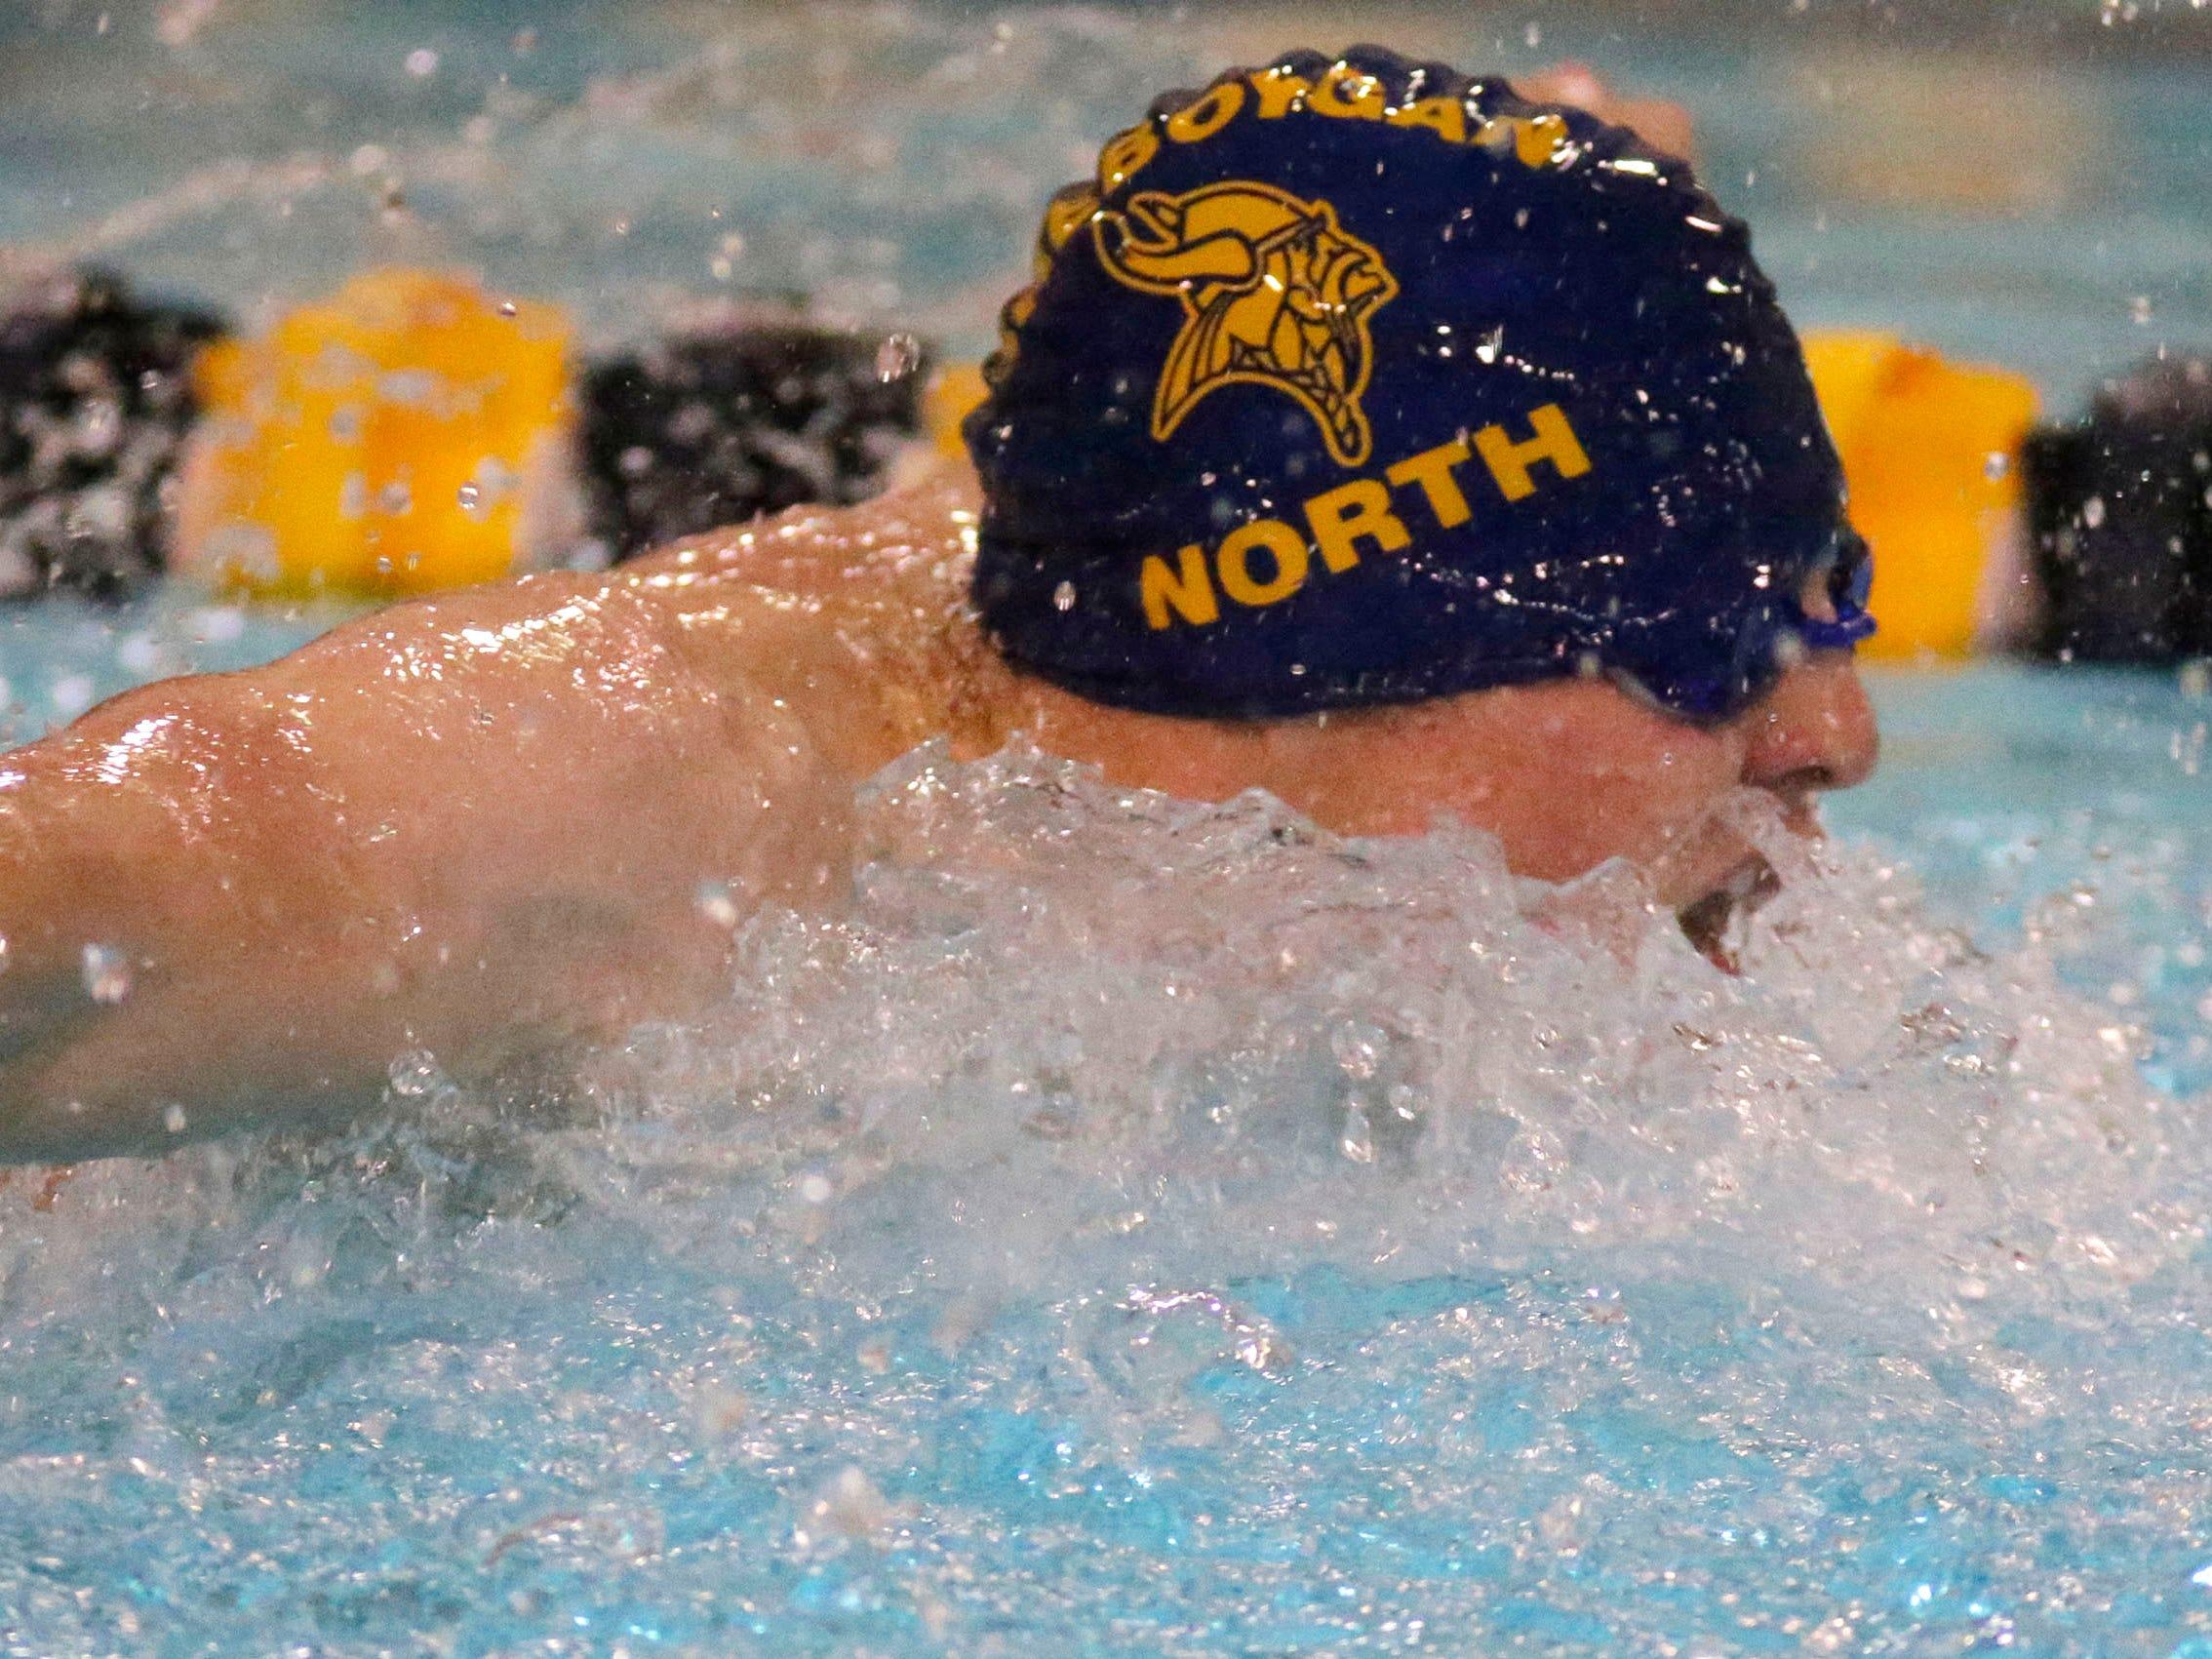 Sheboygan North's Patrick Fisher swims at the Sheboygan North Raider Relays, Saturday, January 5, 2019, in Sheboygan, Wis.